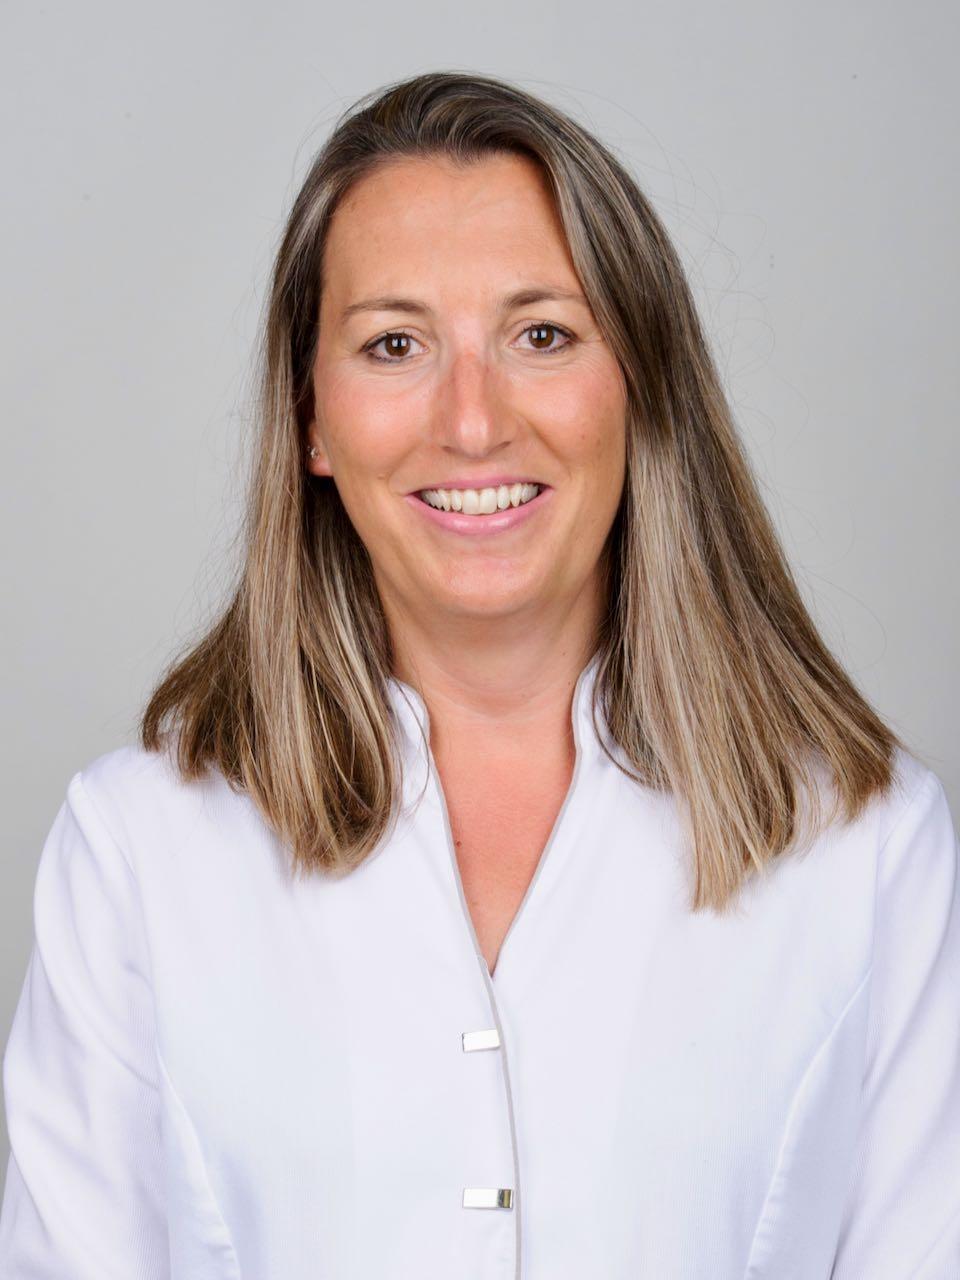 Sra. Ares Navarro de Sárraga